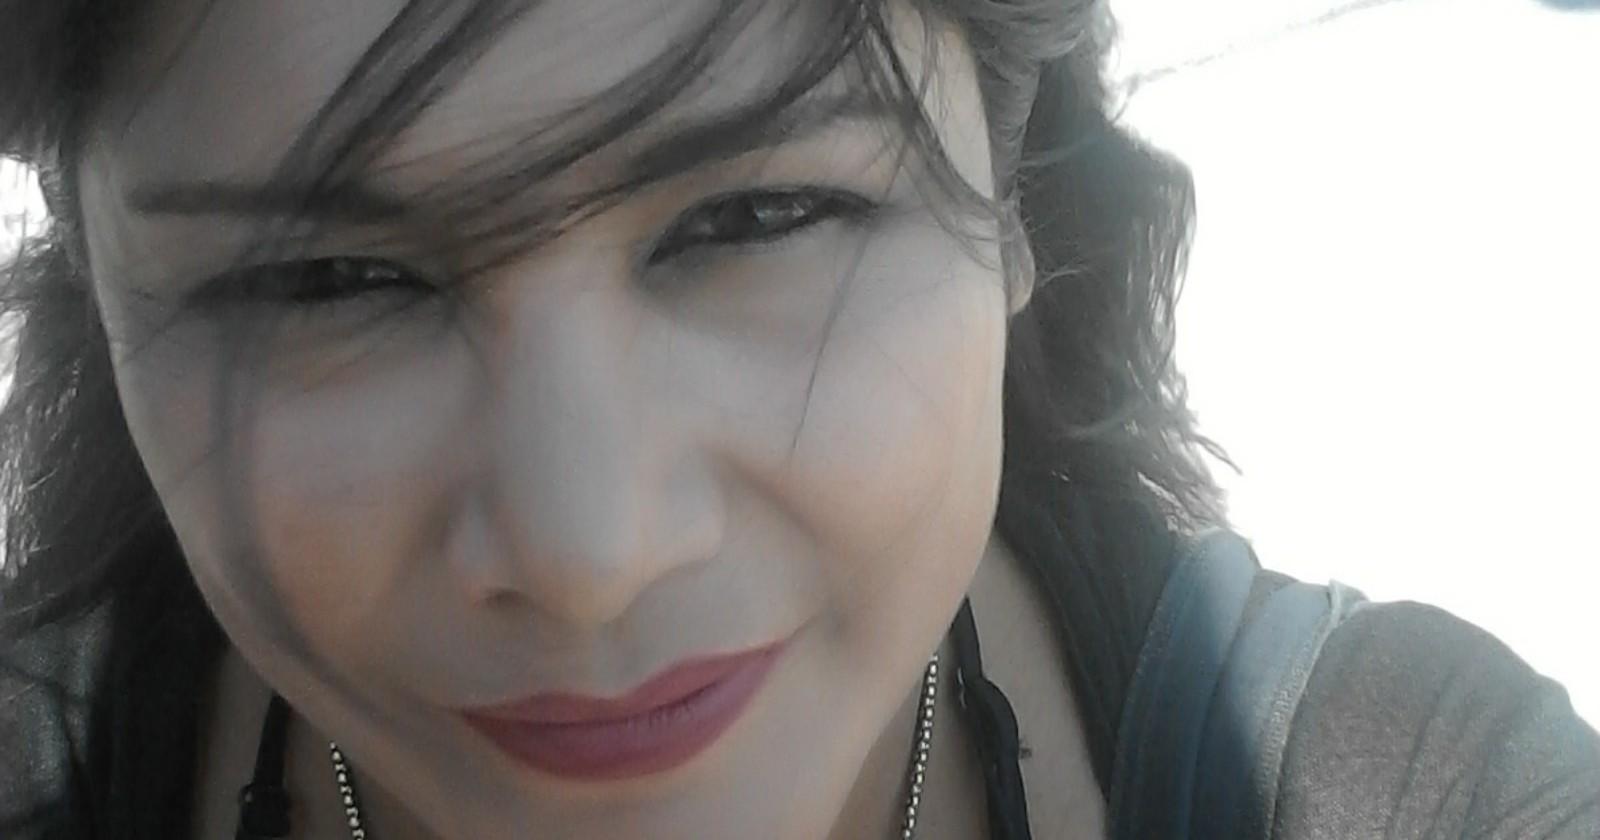 Caso Lucía Chicchi: ex pareja asegura que la asesinó en defensa propia